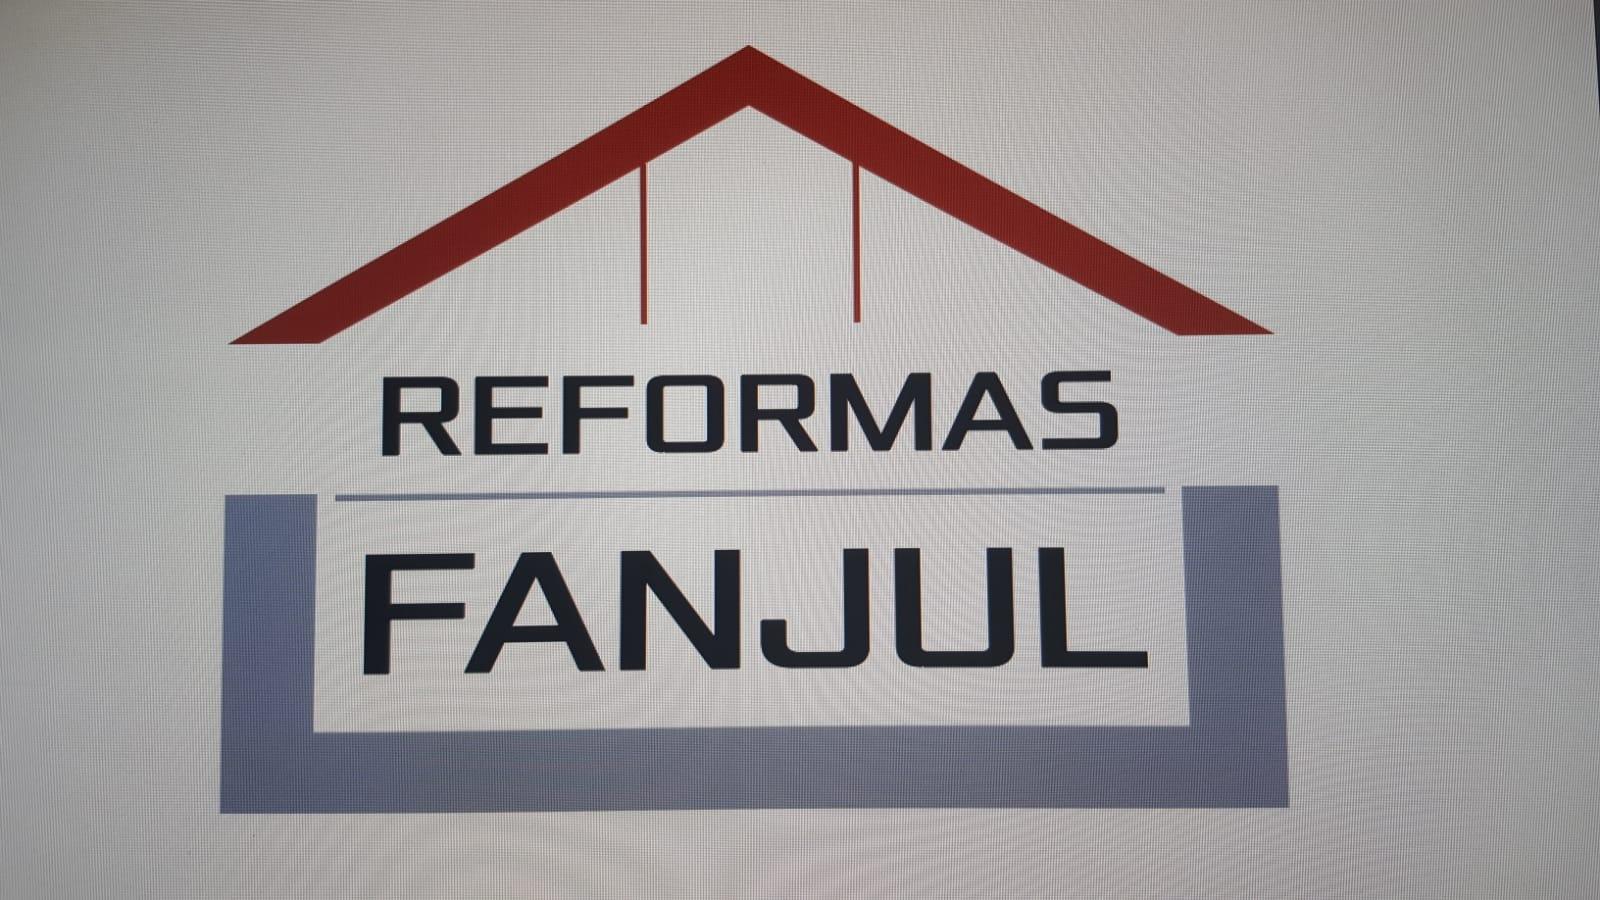 REFORMAS FANJUL, SL